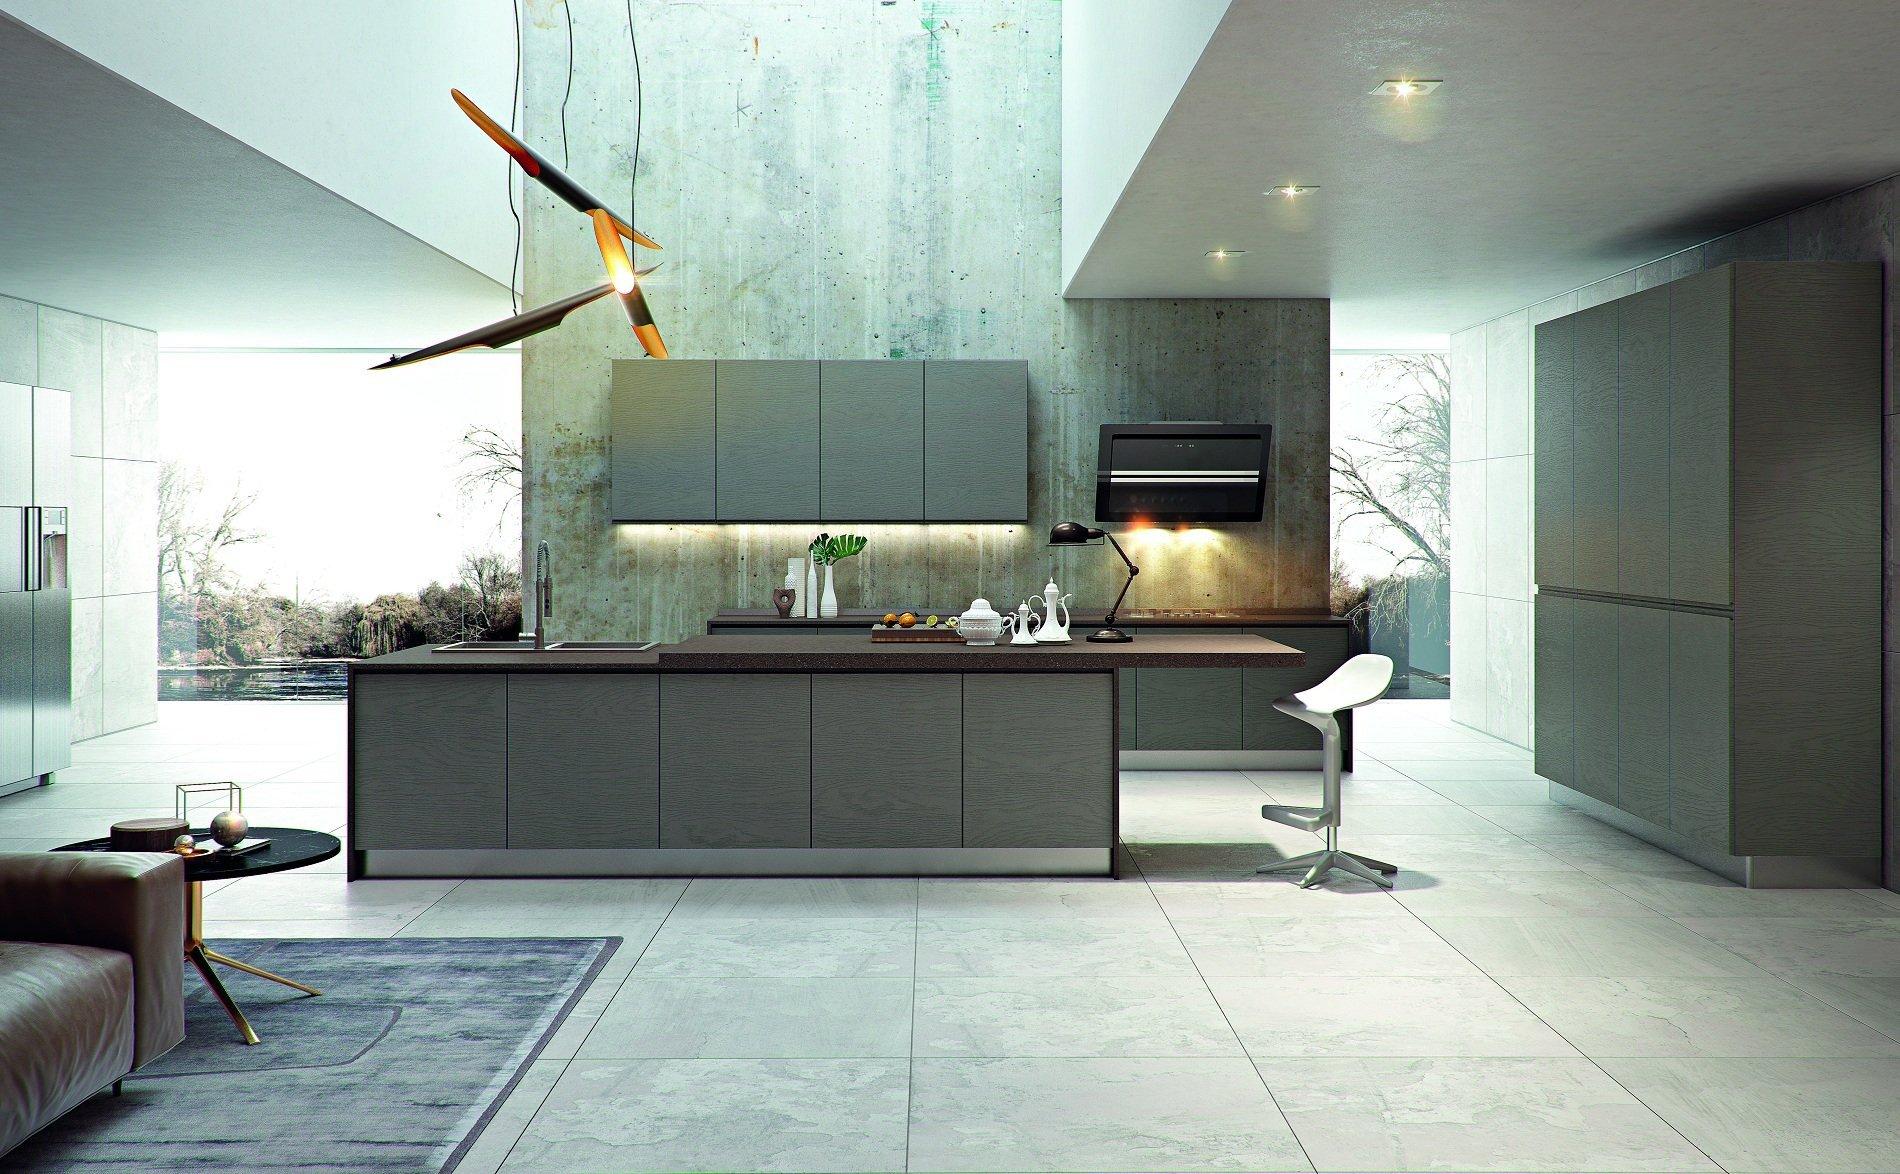 una cucina moderna con penisola e dei lampadari moderni a sospensione